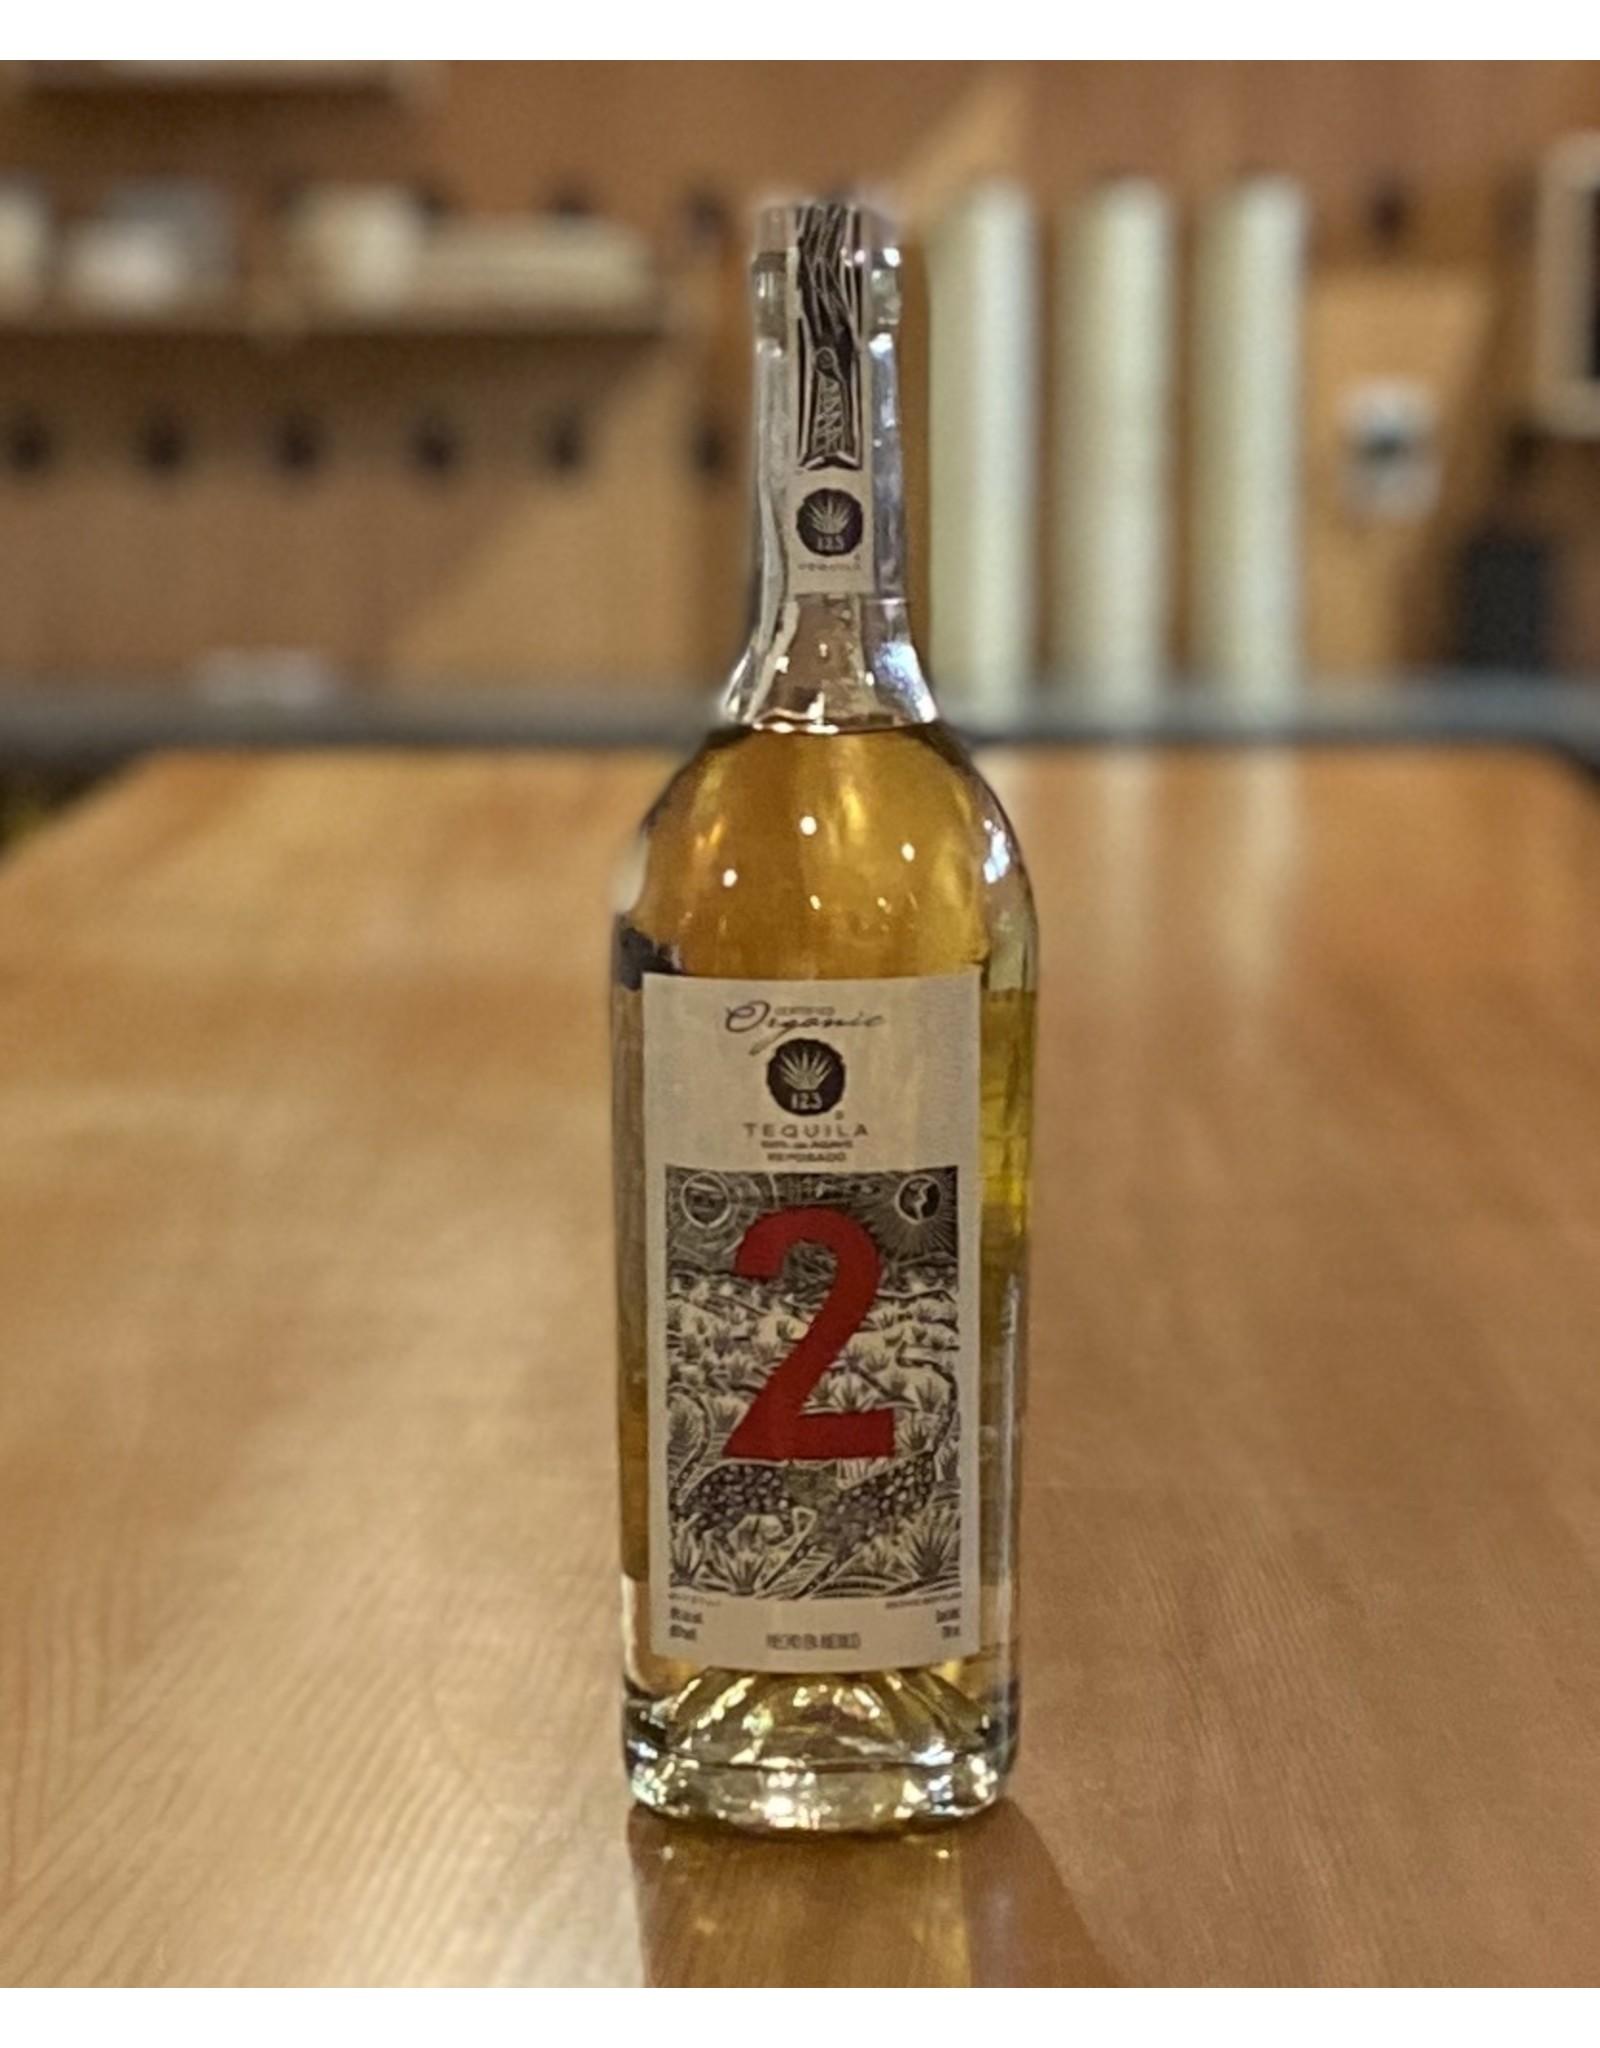 123 Organic ''Dos'' Organic Reposado Tequila - Jalisco, Mexico